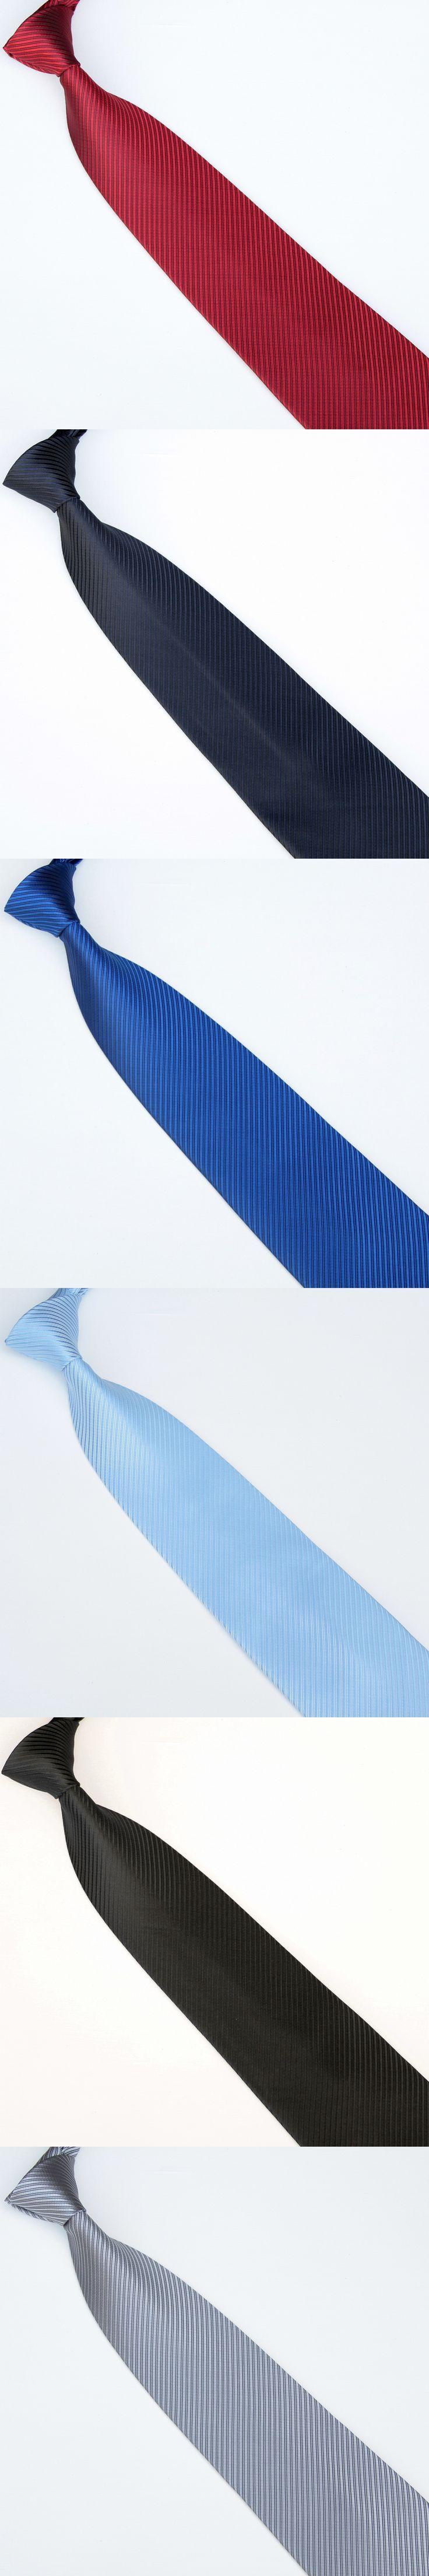 men's neckties solid 19colors cravat ties 10cm width Gravatas Mariage Wedding 2017 neck tie